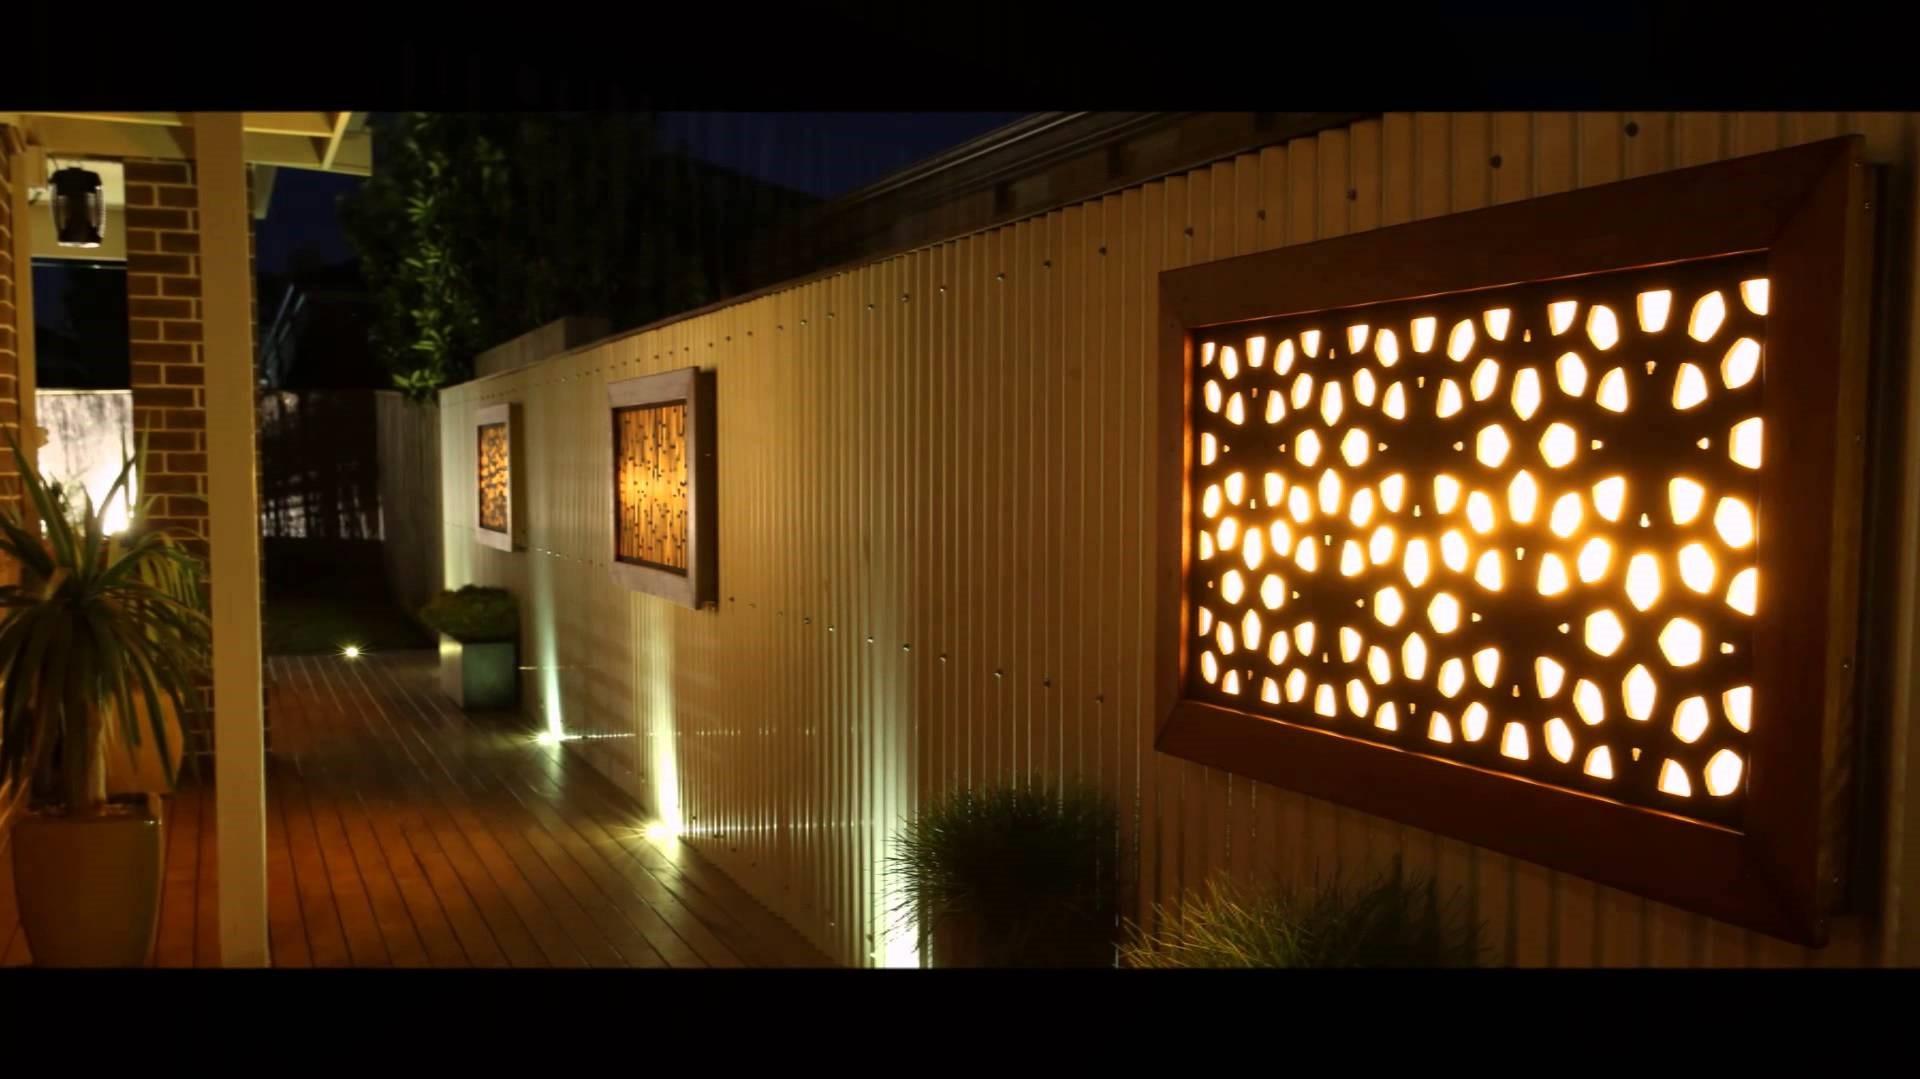 Regardez ces superbes panneaux lumineux! Ils rendront la décoration murale extérieure de votre maison extraordinaire.